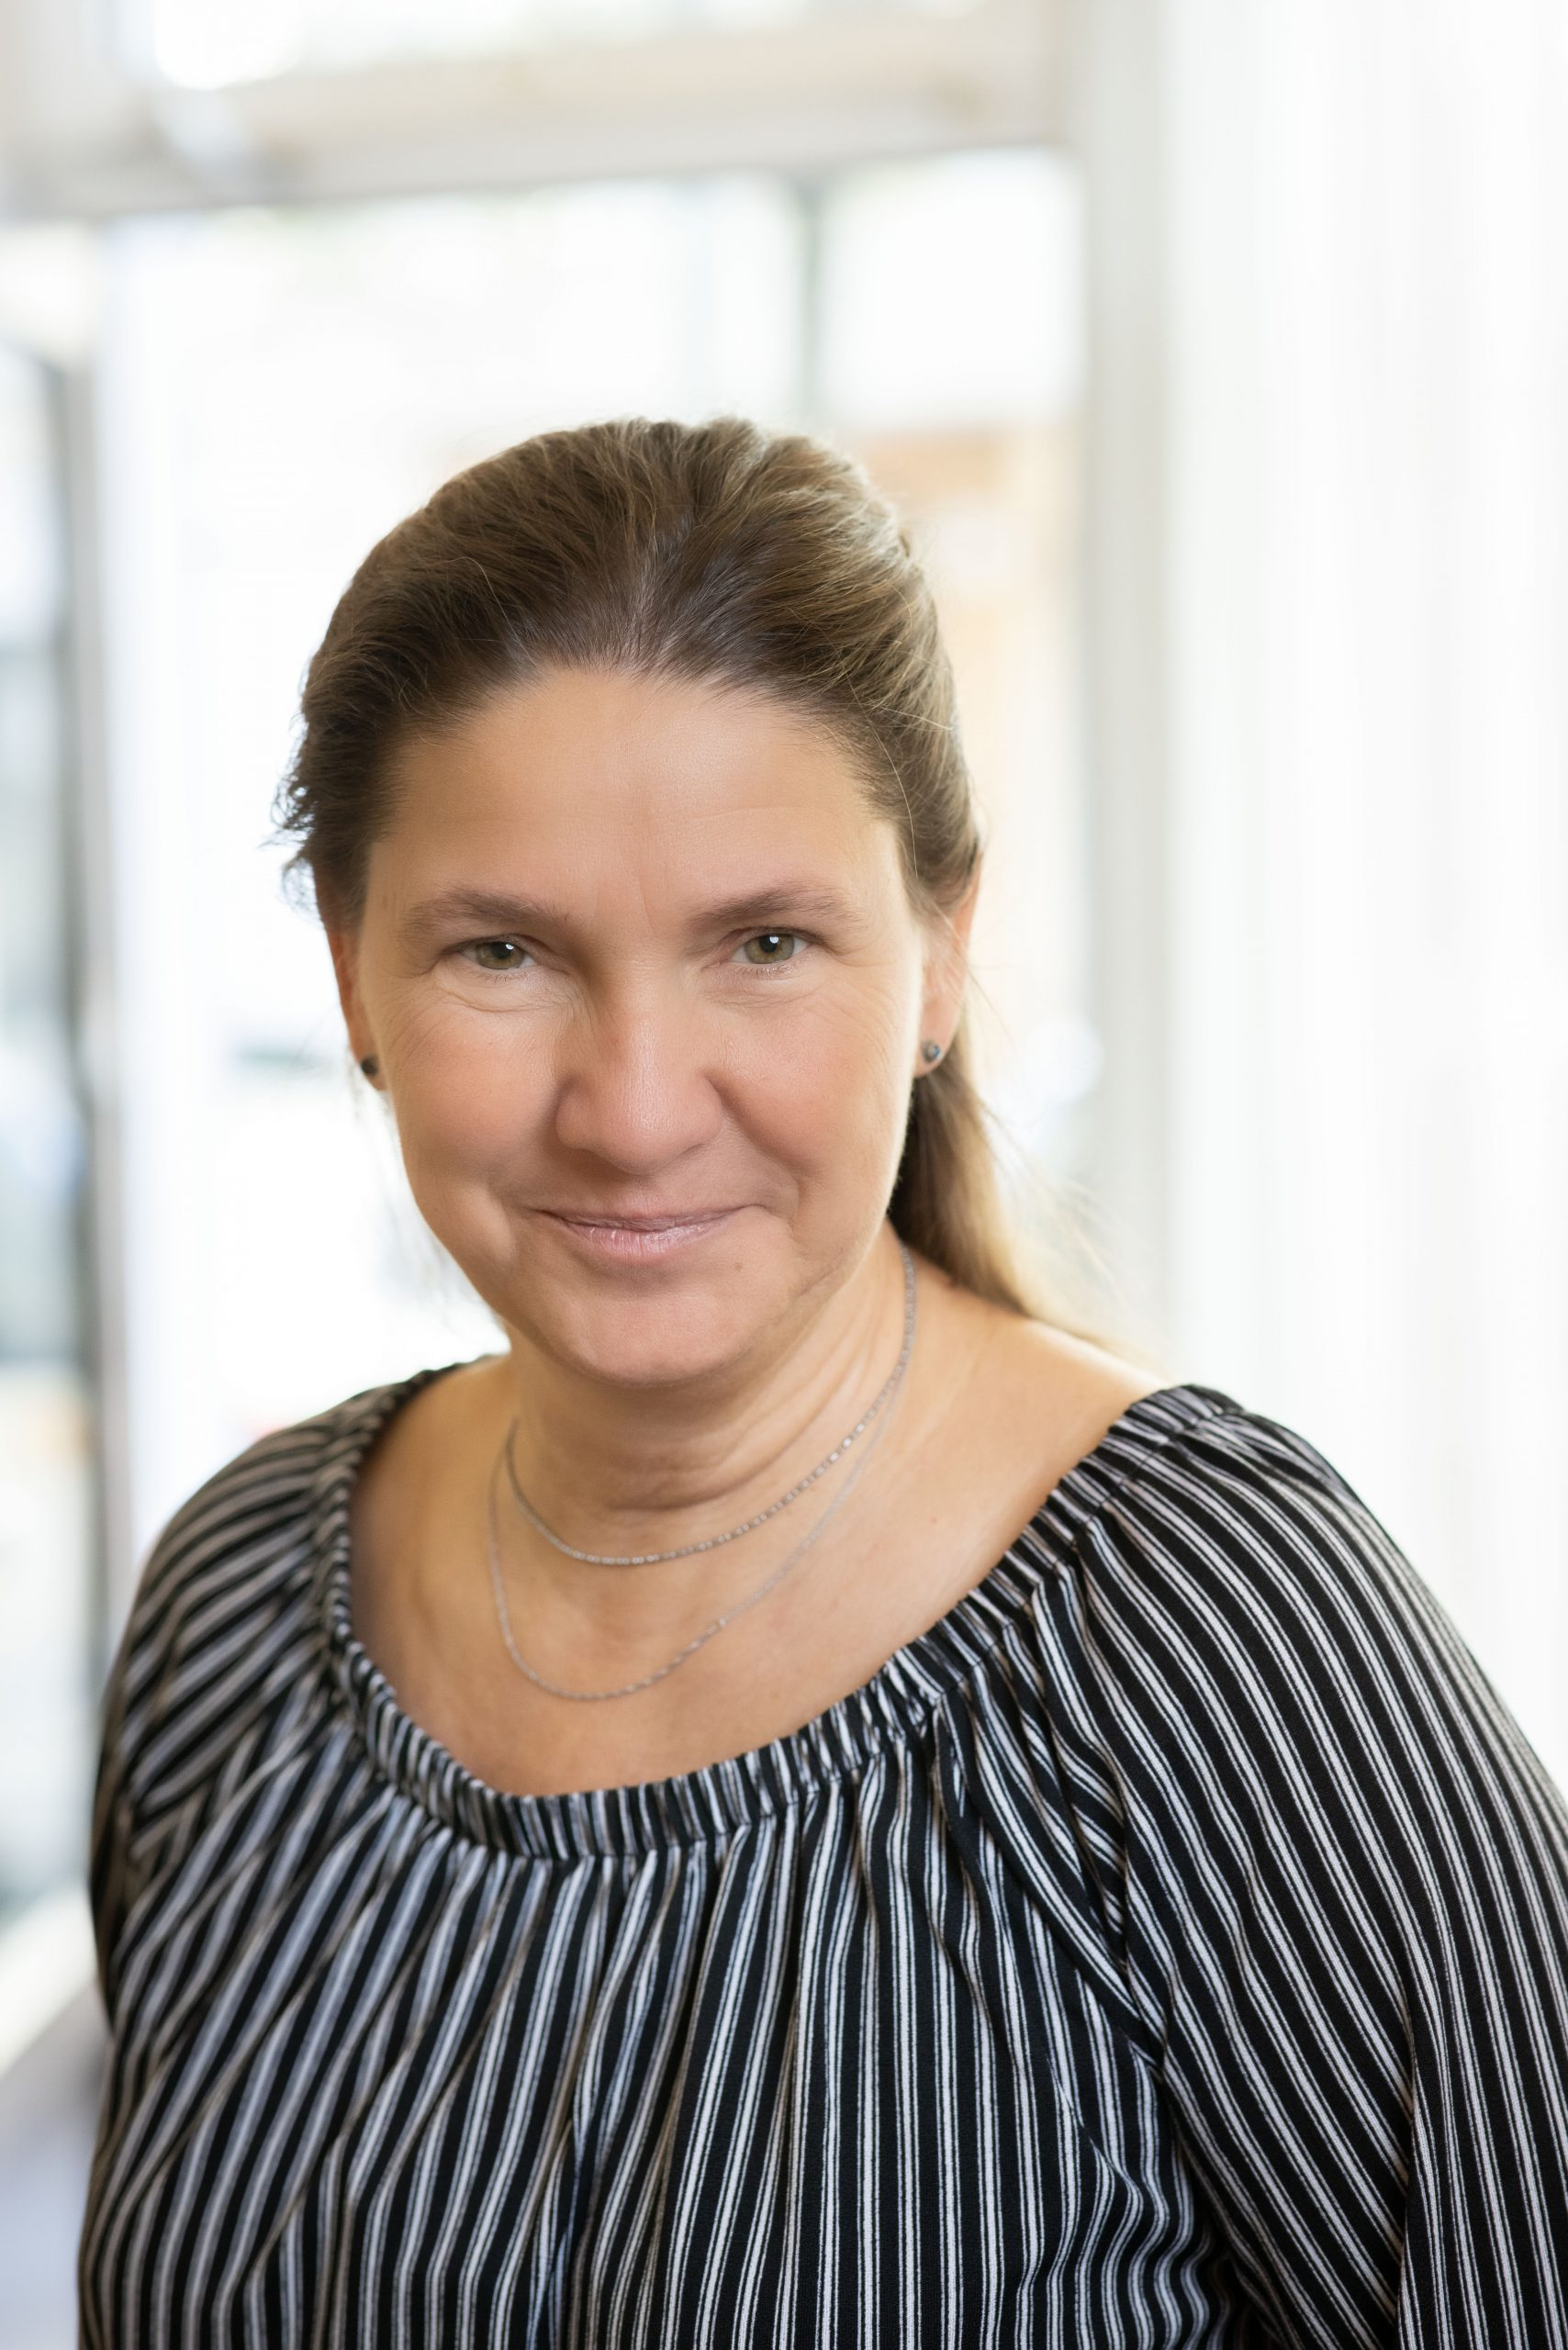 Birgit Kleinschmidt, Personal